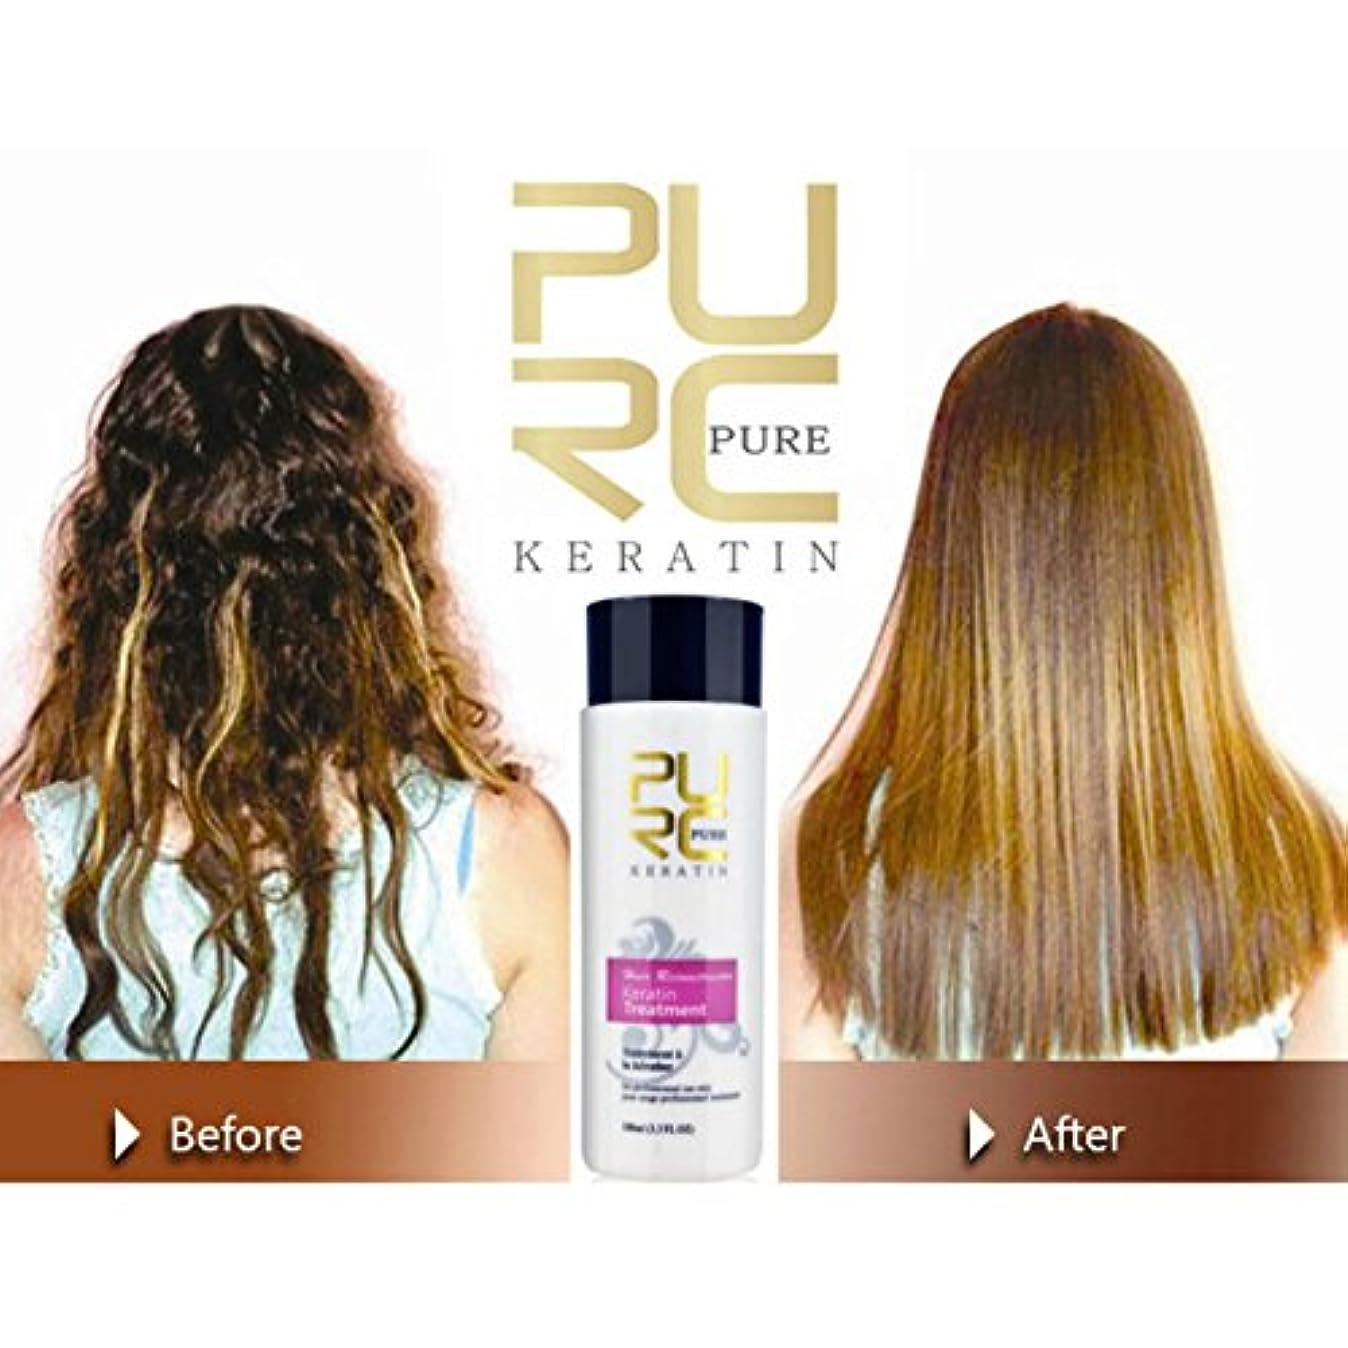 人気国内の昇る純粋 ブラジル産 ケラチン 毛髪を真っすぐにする手当 ドライヤー乾燥時 100ml